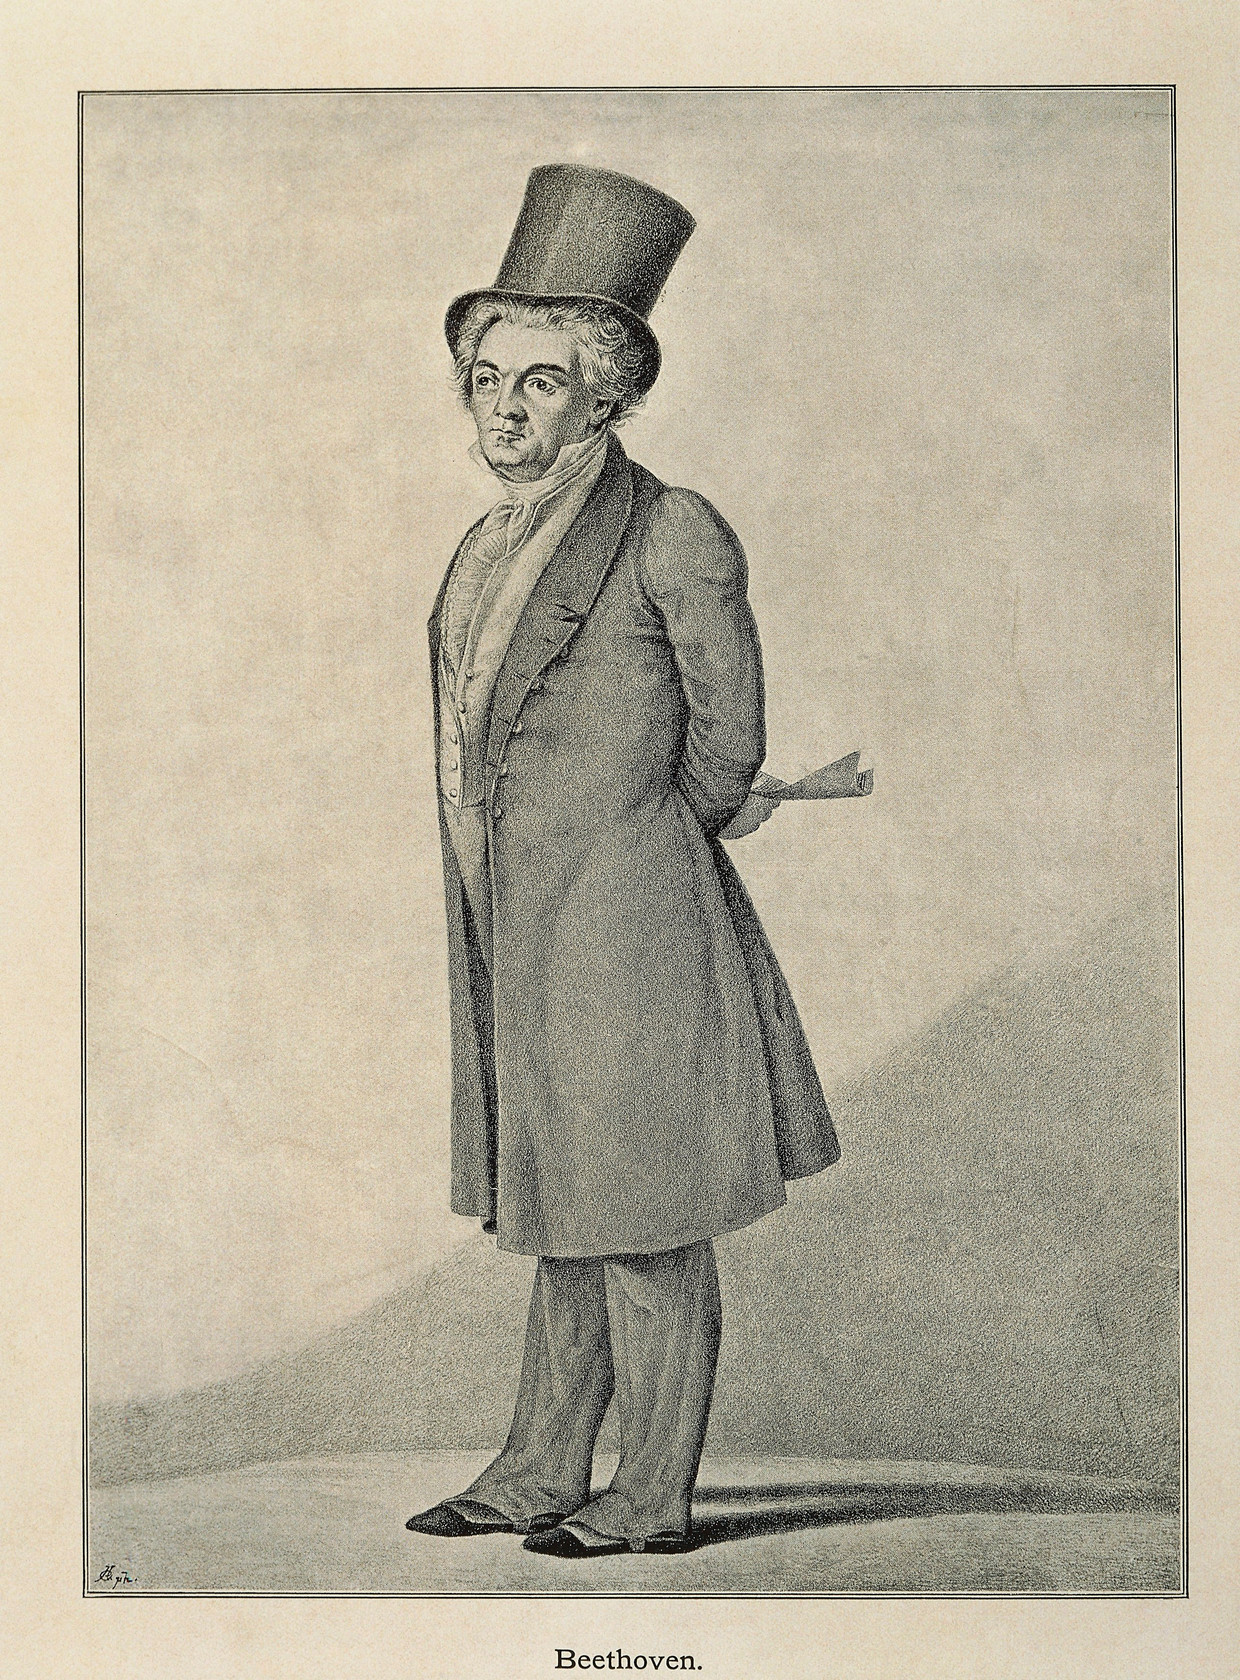 Portret van de Duitse componist Ludwig van Beethoven (1770-1827). Beeld De Agostini via Getty Images